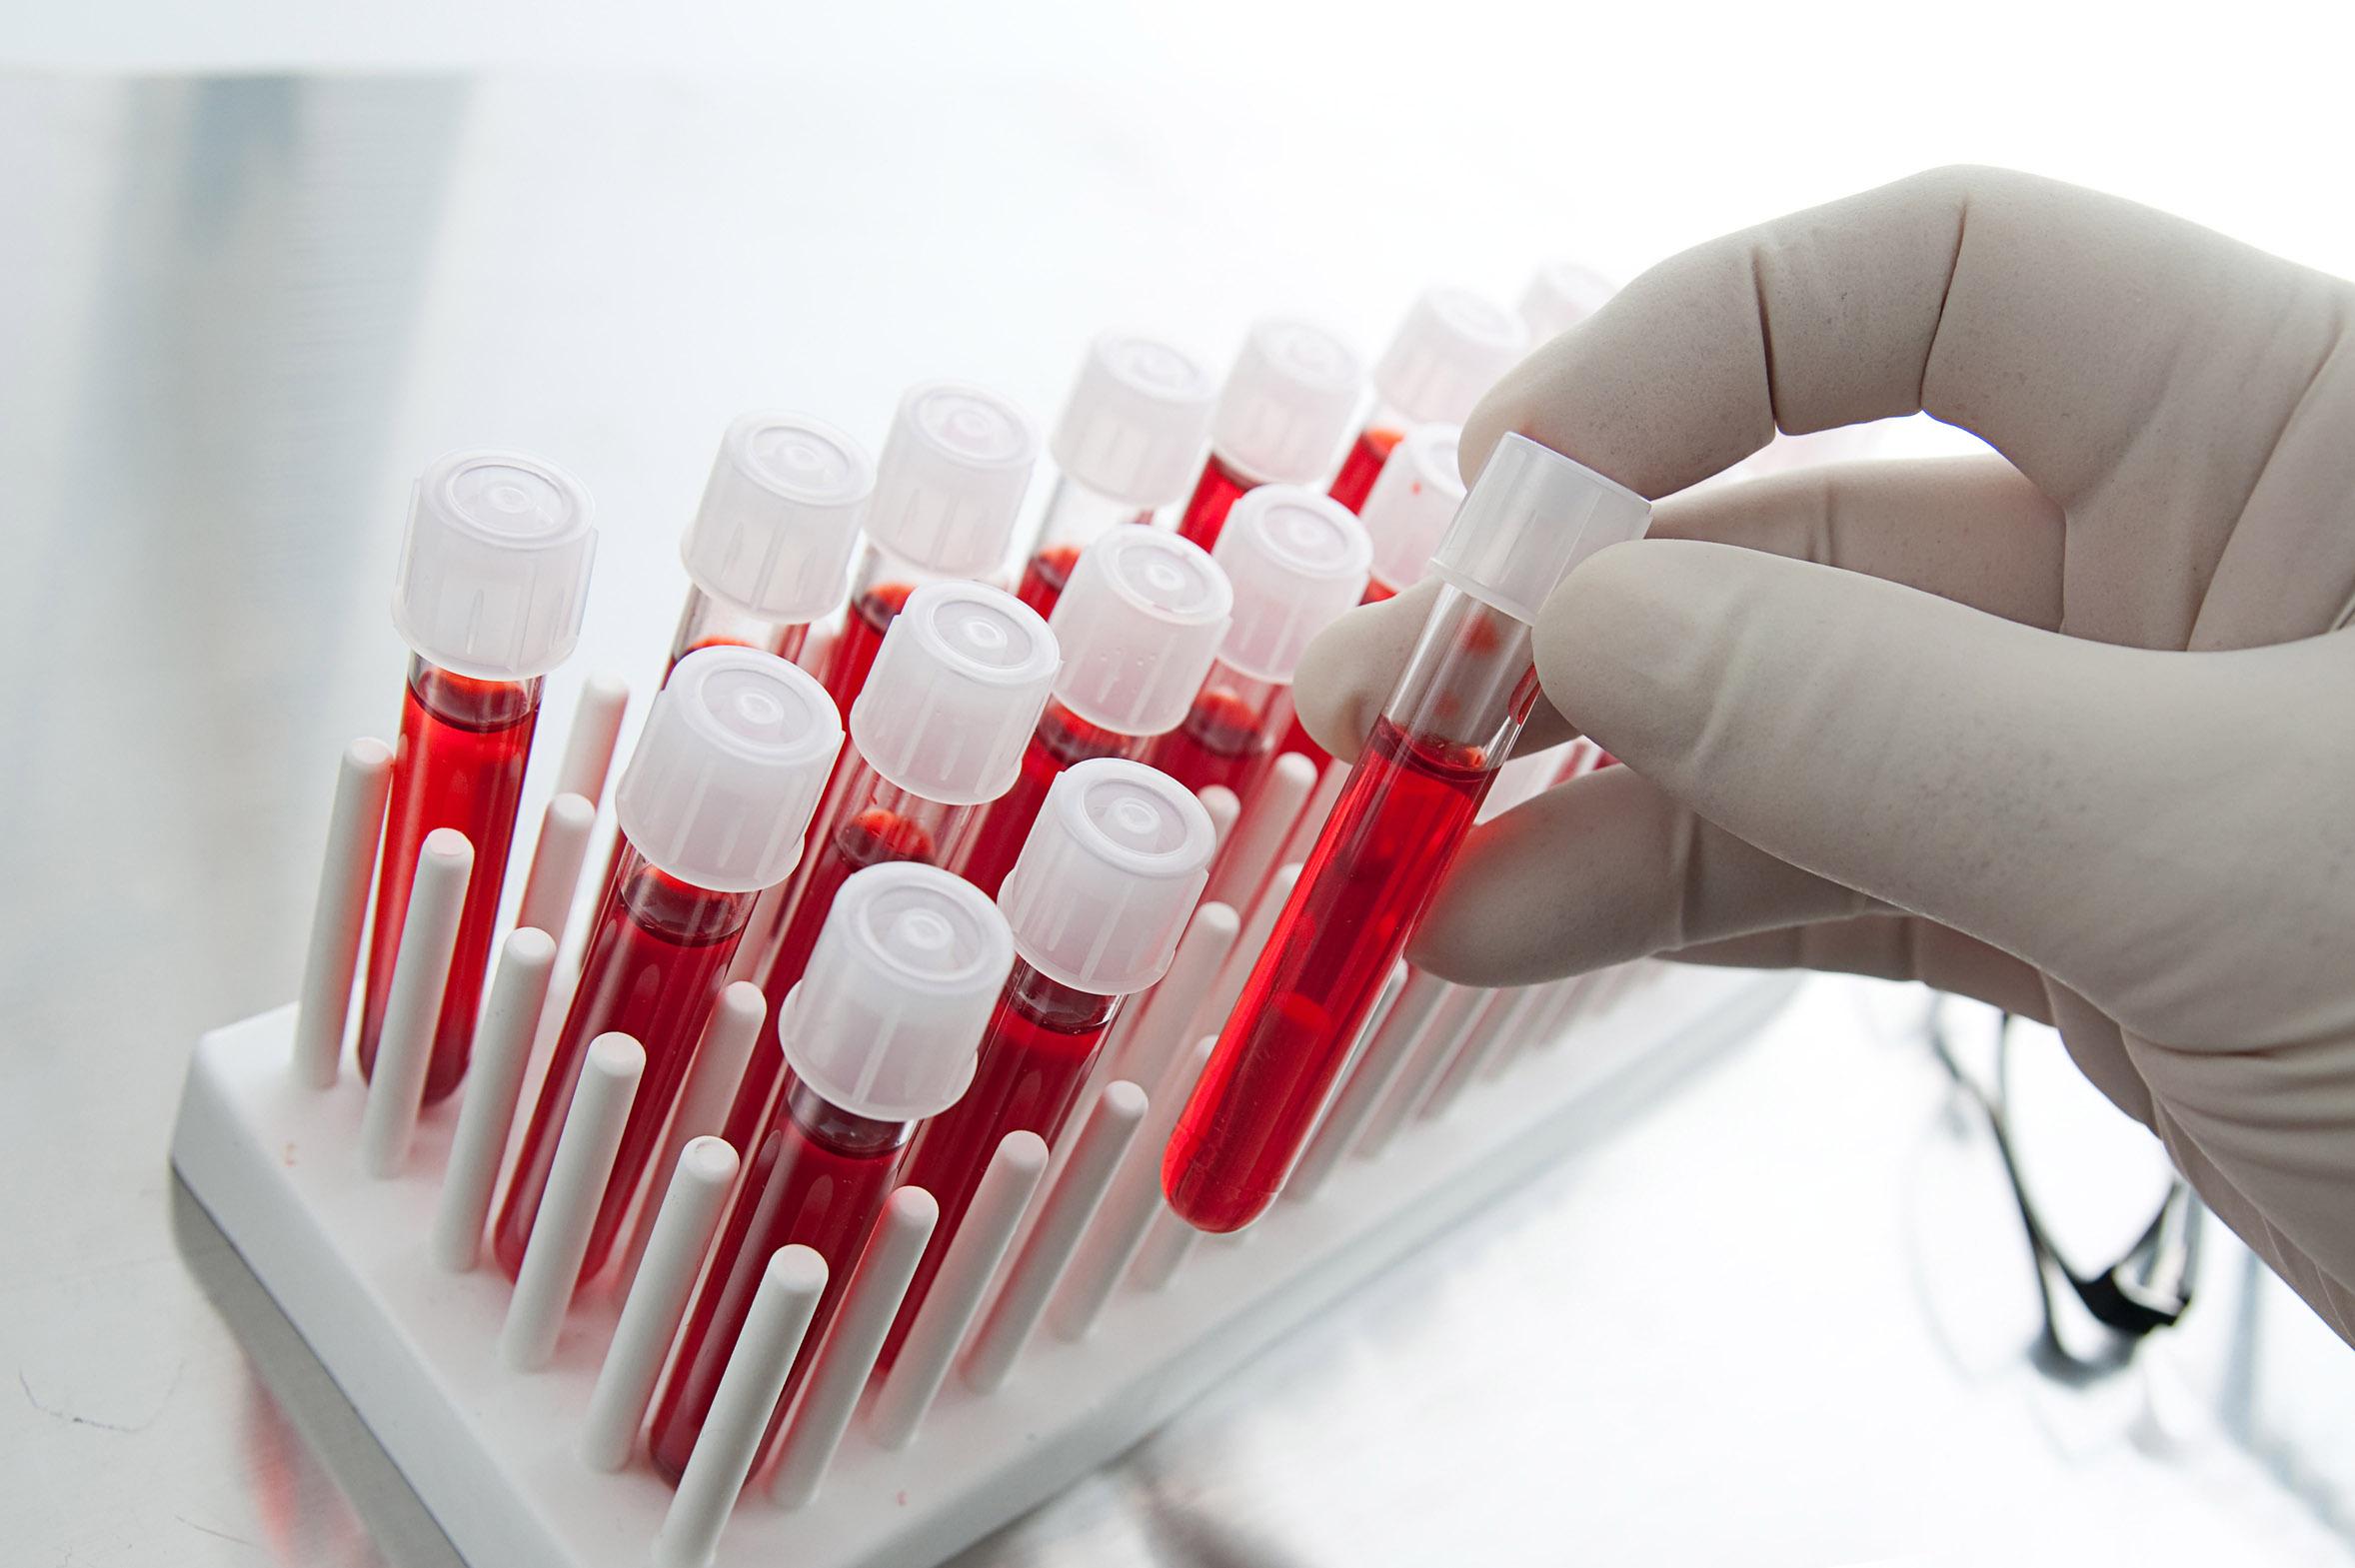 Amonyak Testi Neden Yapılır?